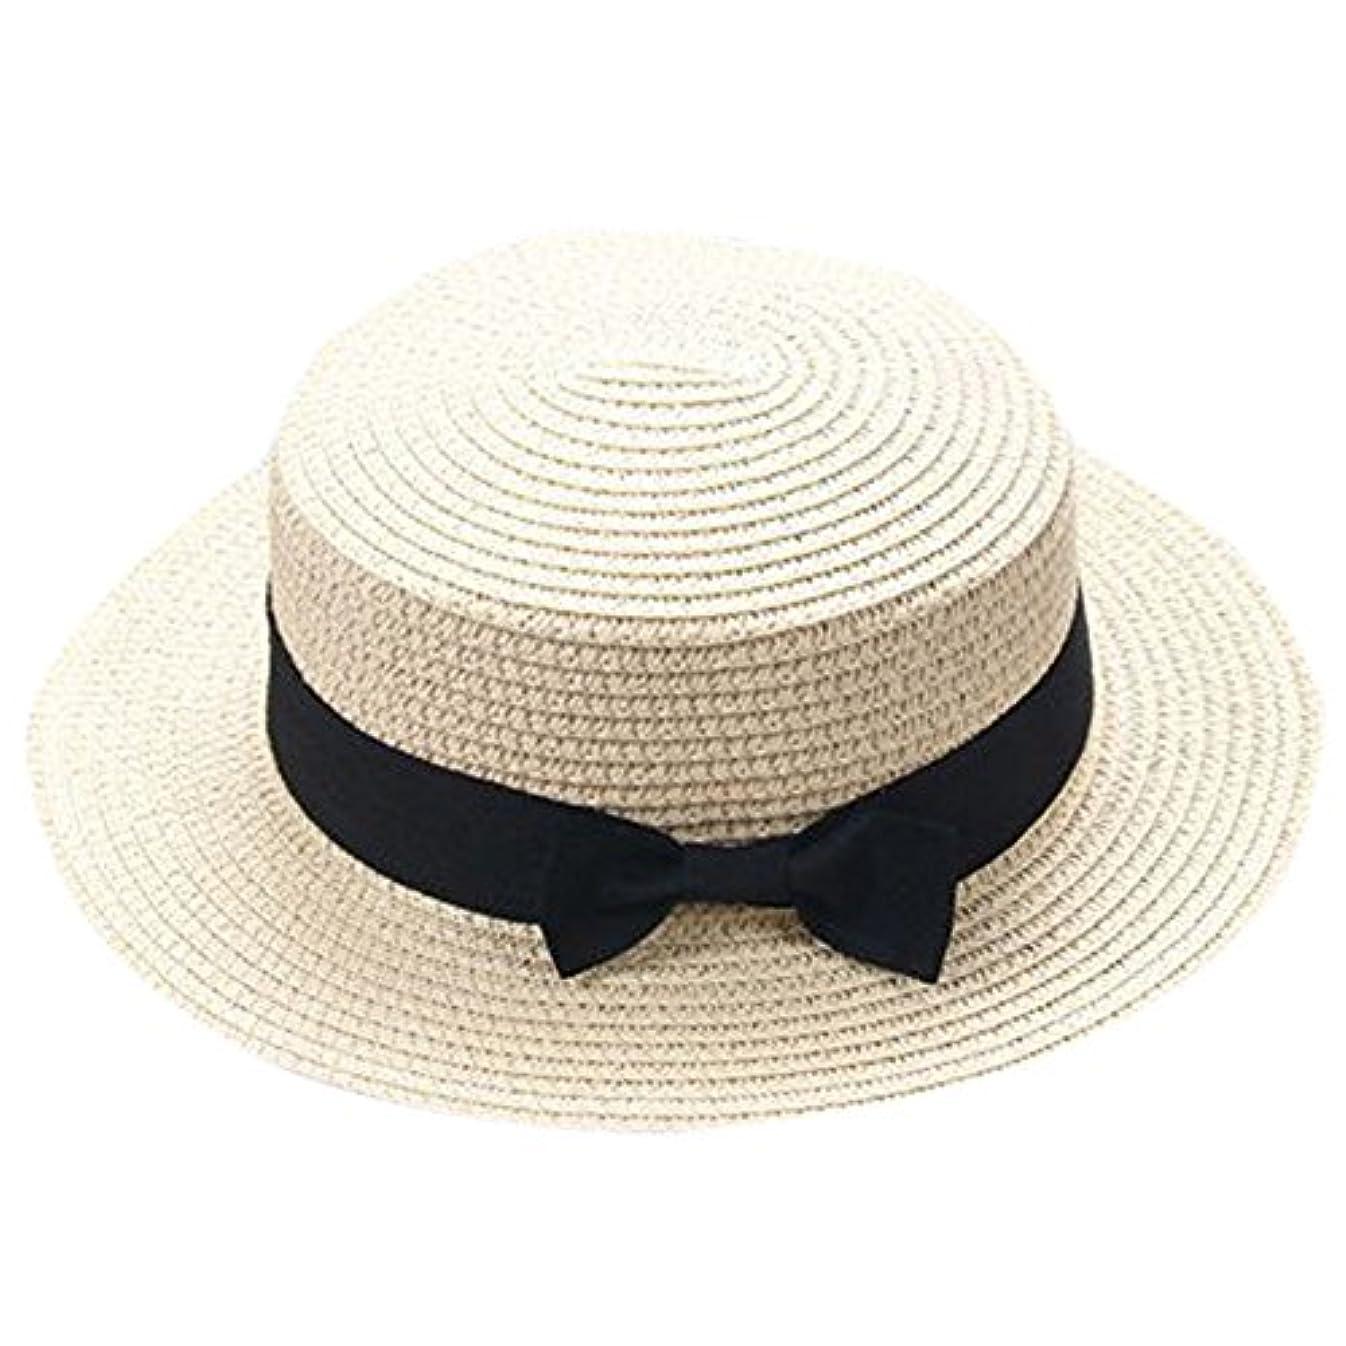 草傑出したがっかりしたキャップ キッズ 日よけ 帽子 小顔効果抜群 旅行用 日よけ 夏 ビーチ 海辺 かわいい リゾート 紫外線対策 男女兼用 日焼け防止 熱中症予防 取り外すあご紐 つば広 おしゃれ 可愛い 夏 ROSE ROMAN